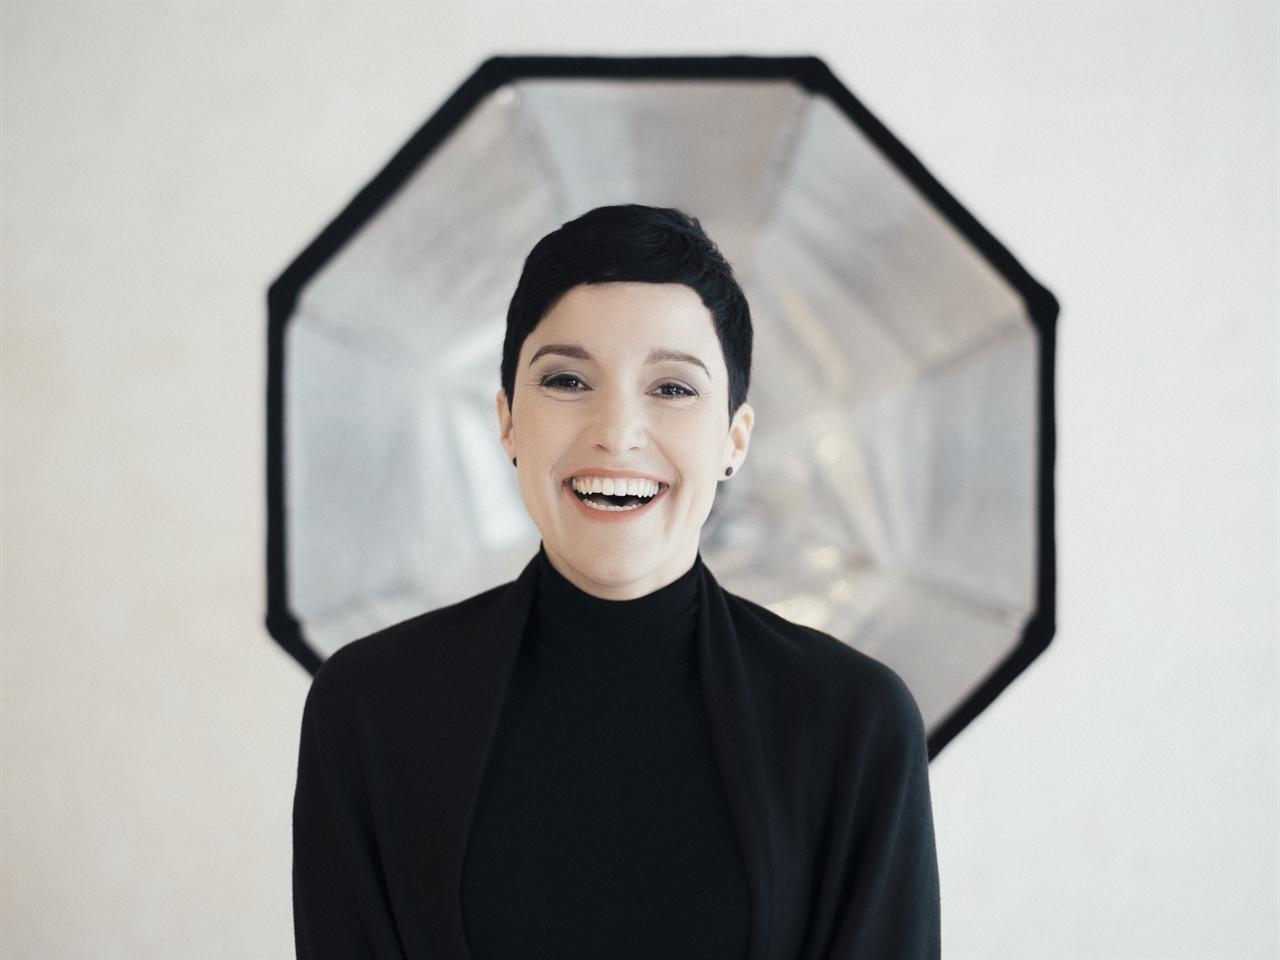 Sie sucht Ihn Singles Salzburg | Frau sucht Mann | Singles